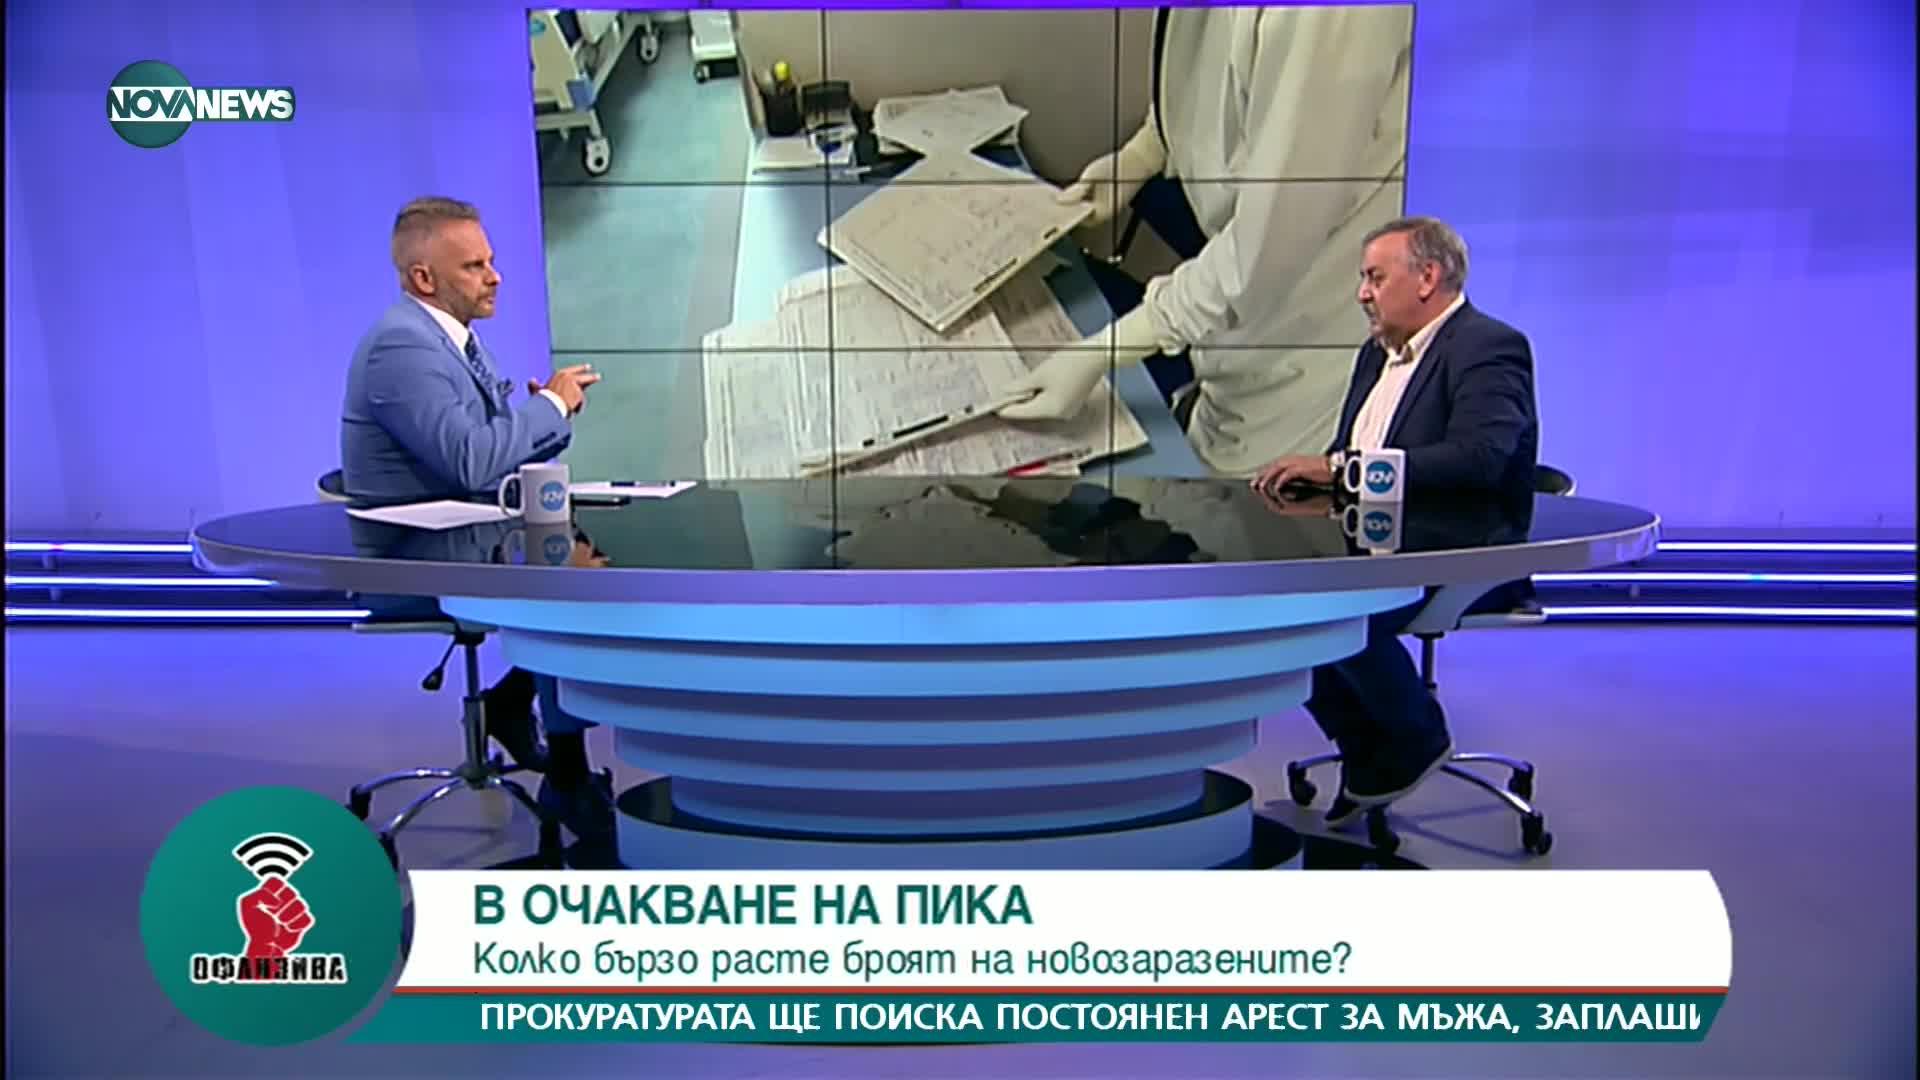 Проф. Кантарджиев: Не съм за задължаване, а за разясняване нуждата от ваксинация